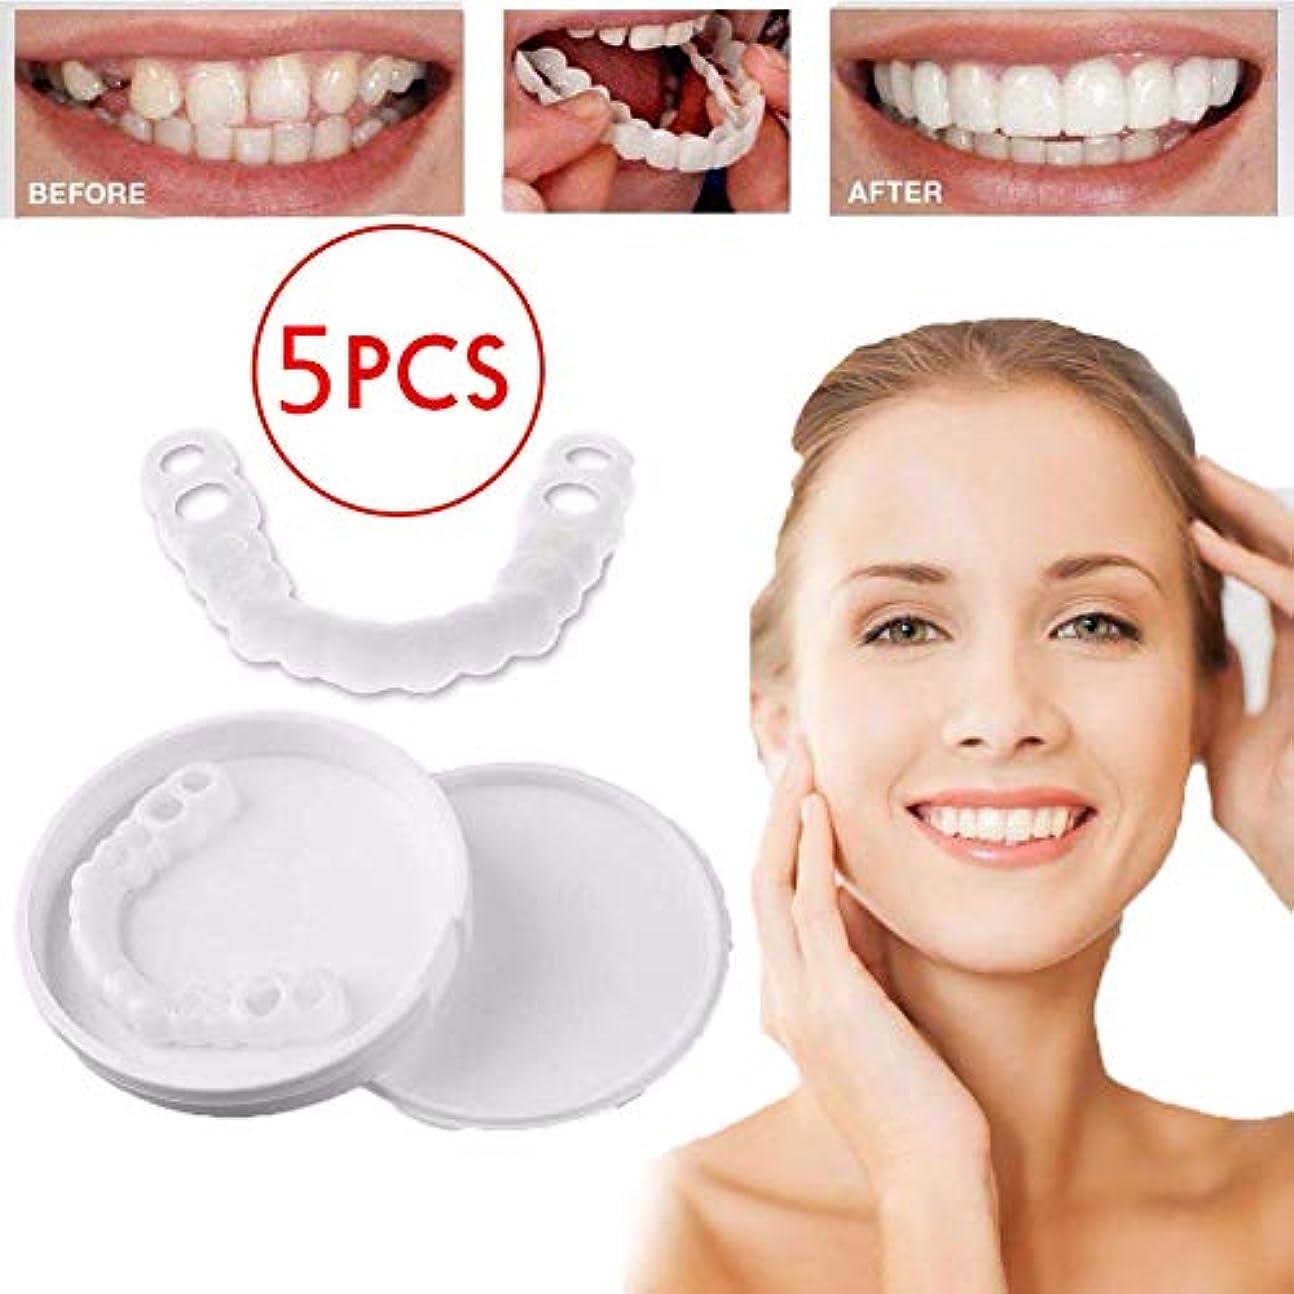 ベリー武装解除解放するインスタント快適なフレックスパーフェクトベニアの歯のスナップキャップを白くする6個の一時的な歯,5pcslowerteeth